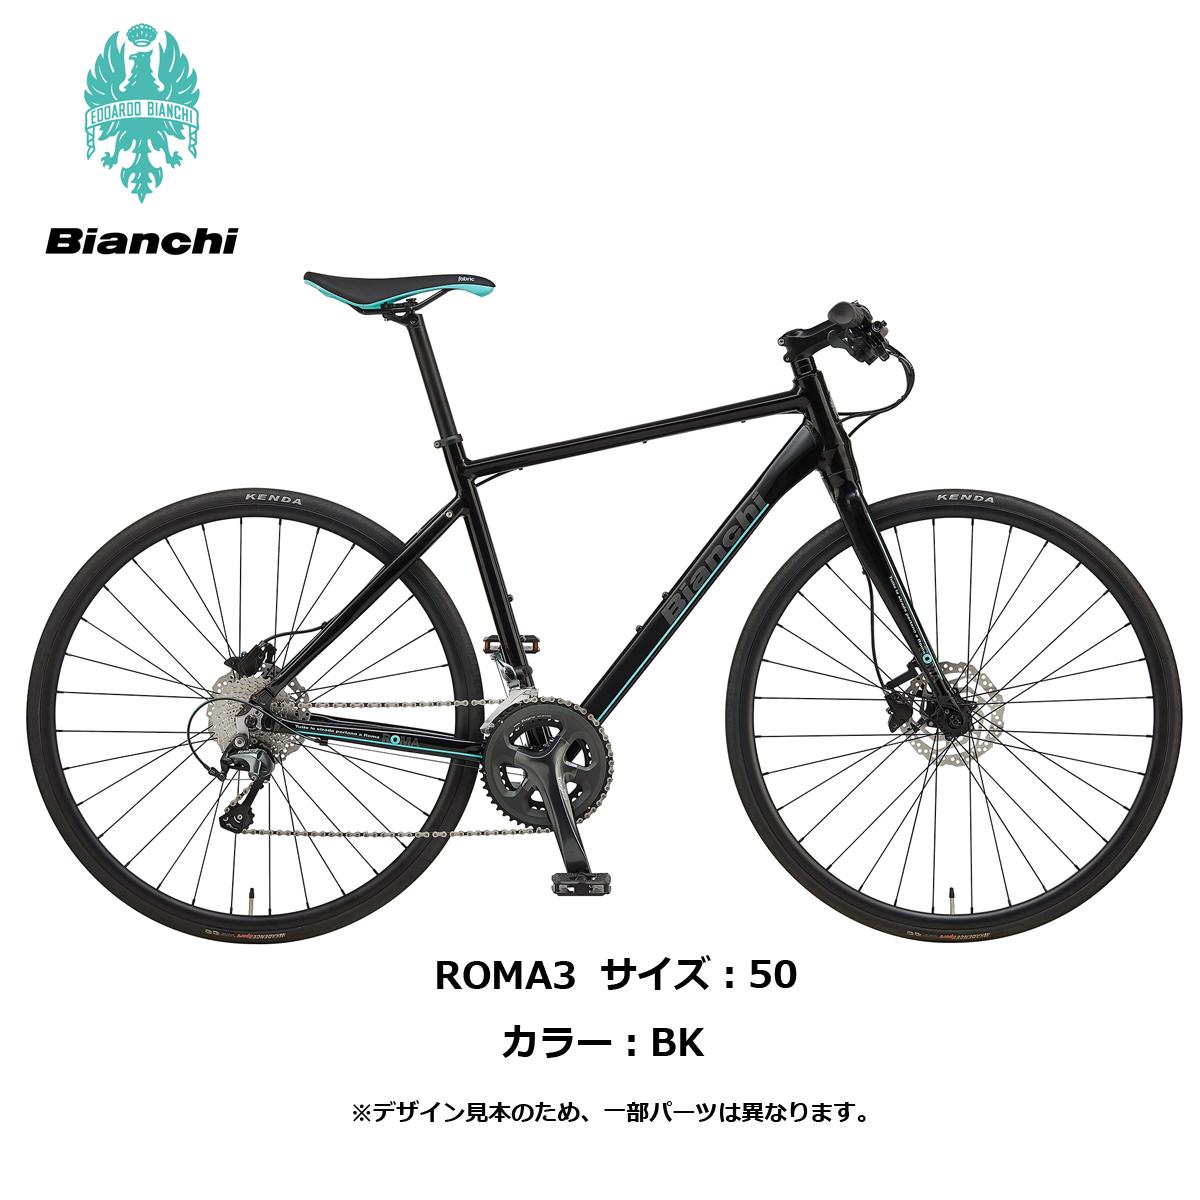 【2020年モデル】BIANCHI(ビアンキ) ROMA3 DISC カラー:Black サイズ:50【プロの整備士による整備組付済】クロスバイク【今出川店別館】